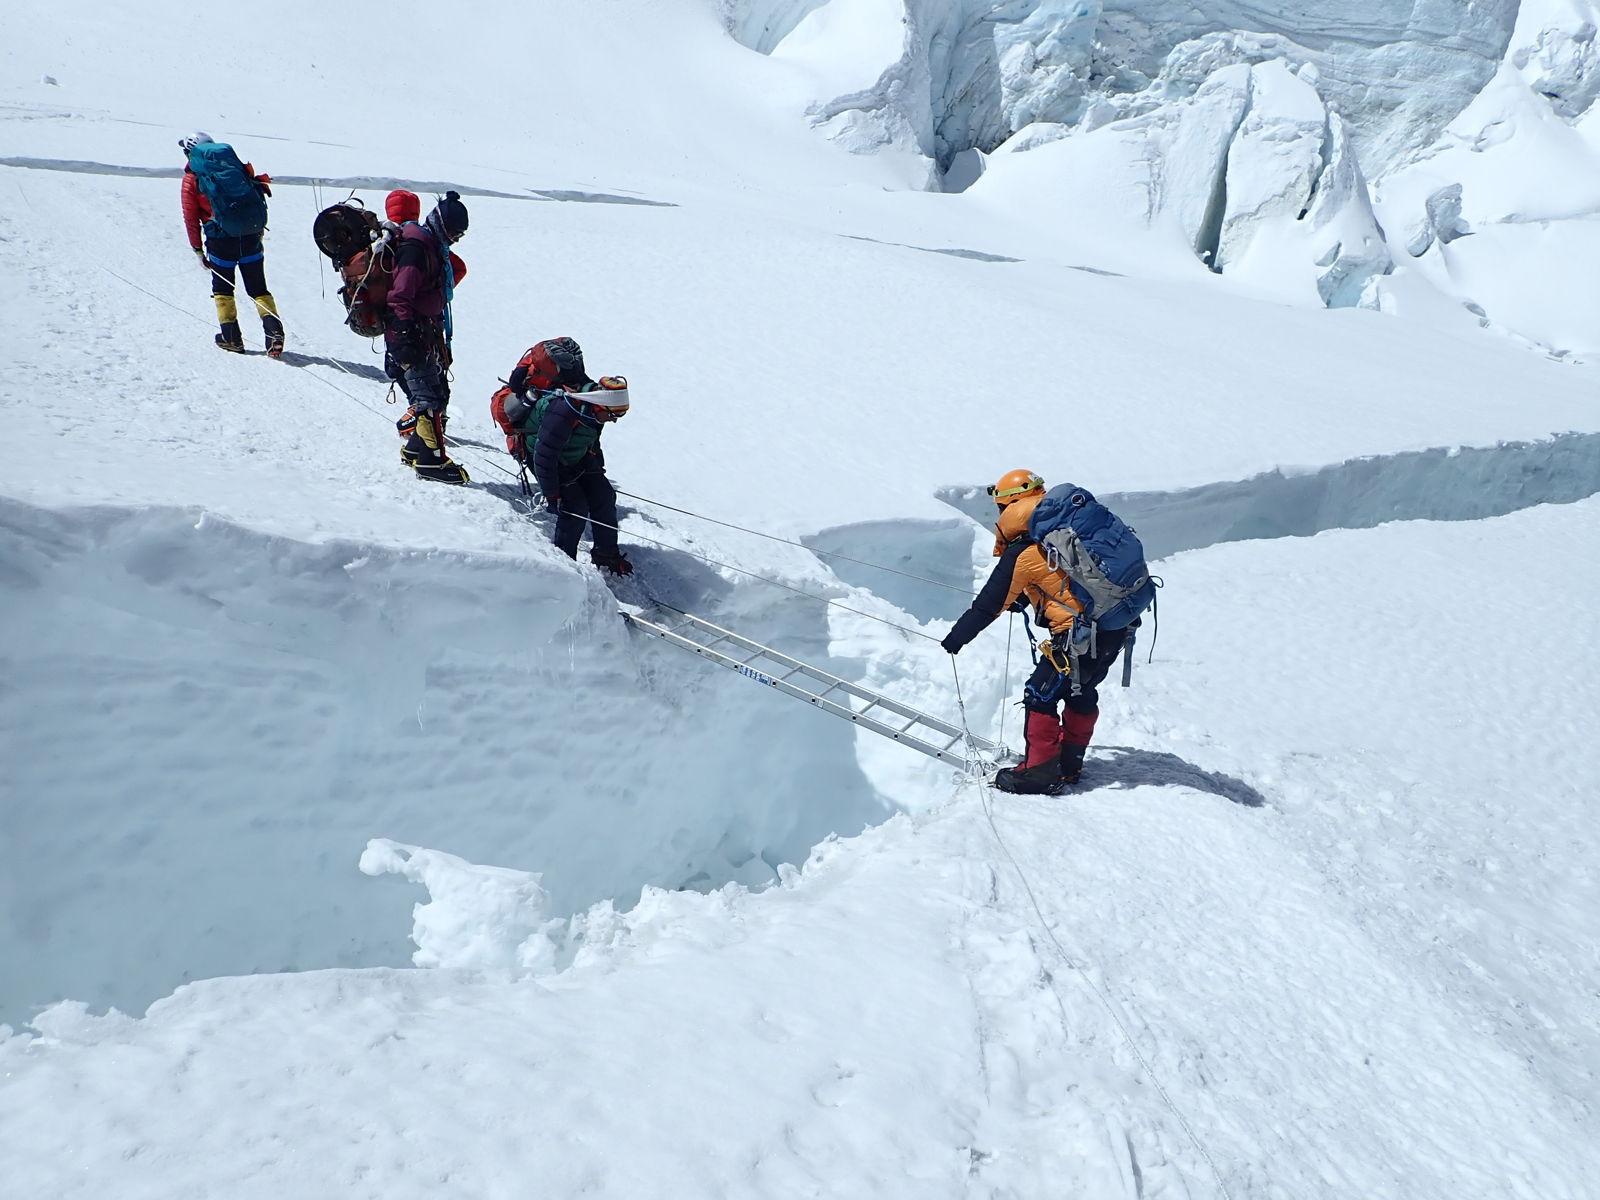 一道鐵梯的冰隙距離,成為攀山者氣候危機的見證。